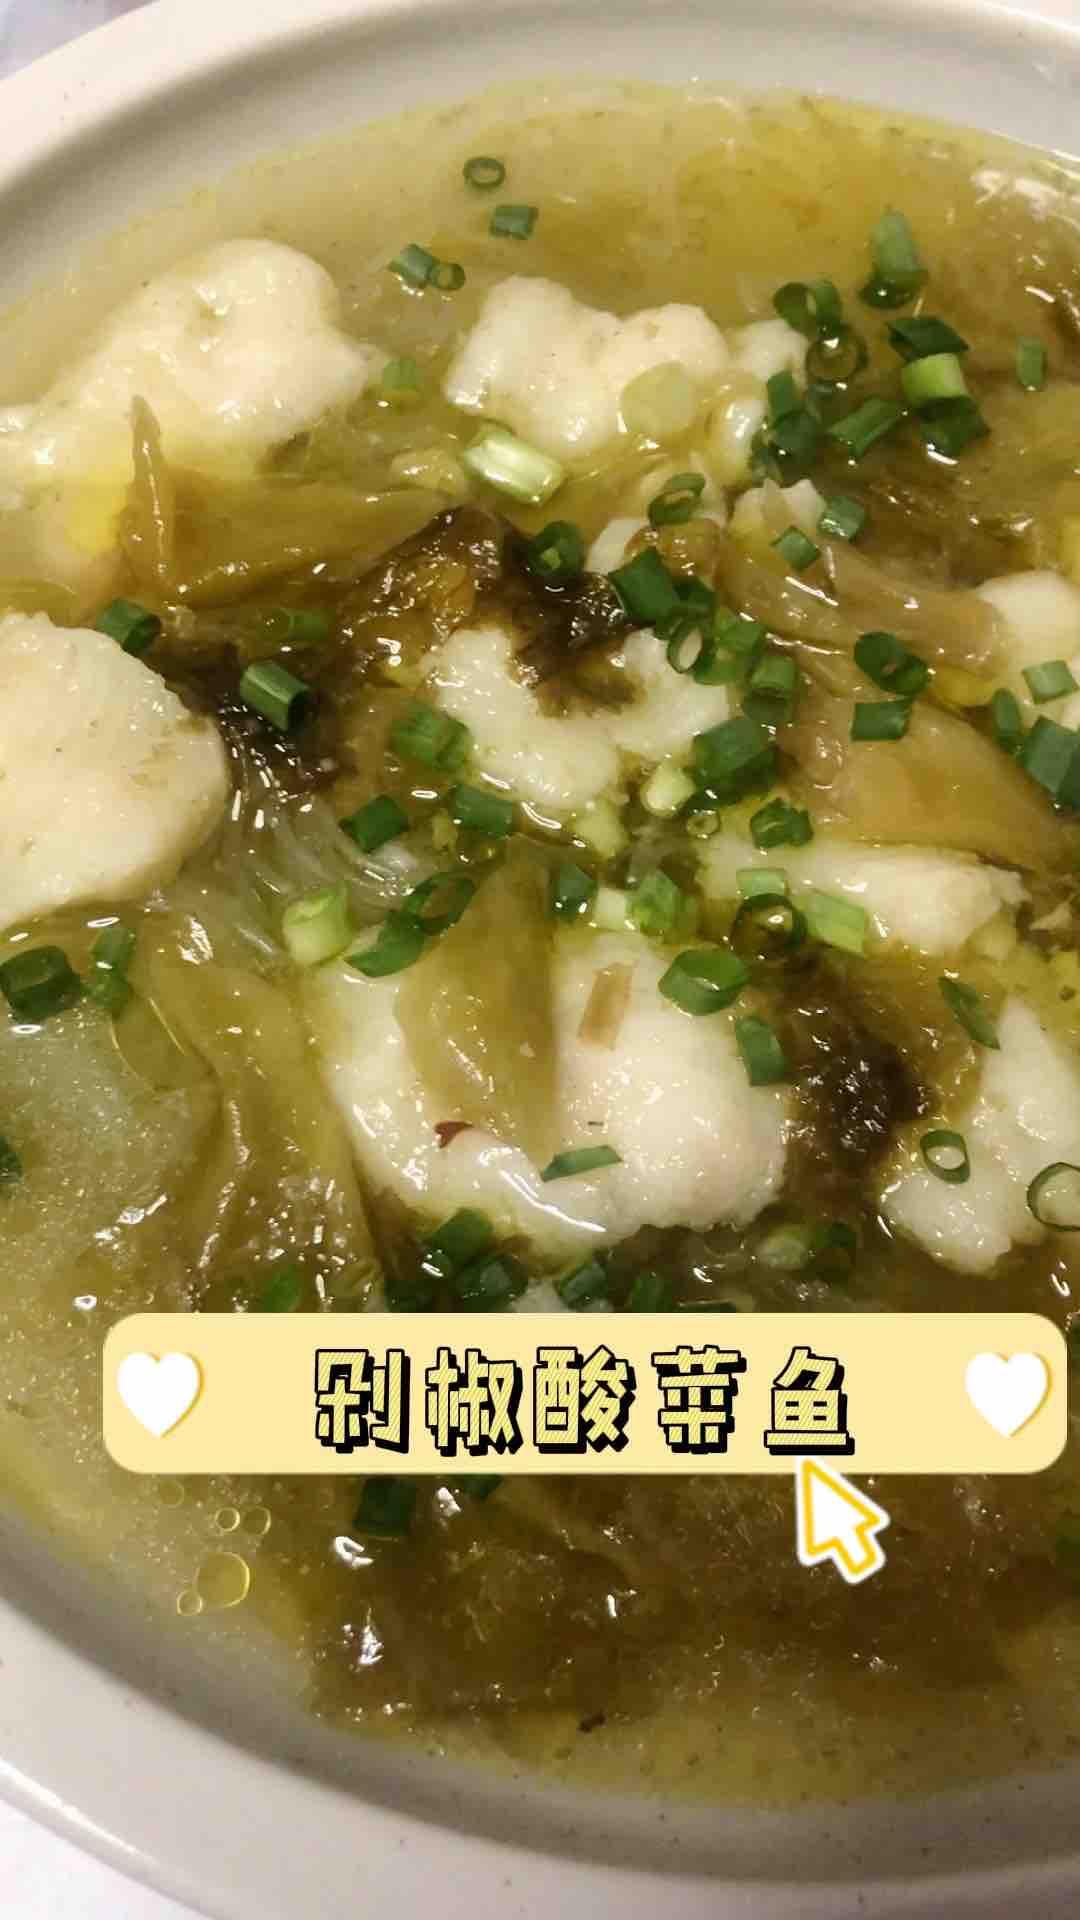 剁椒酸菜鱼